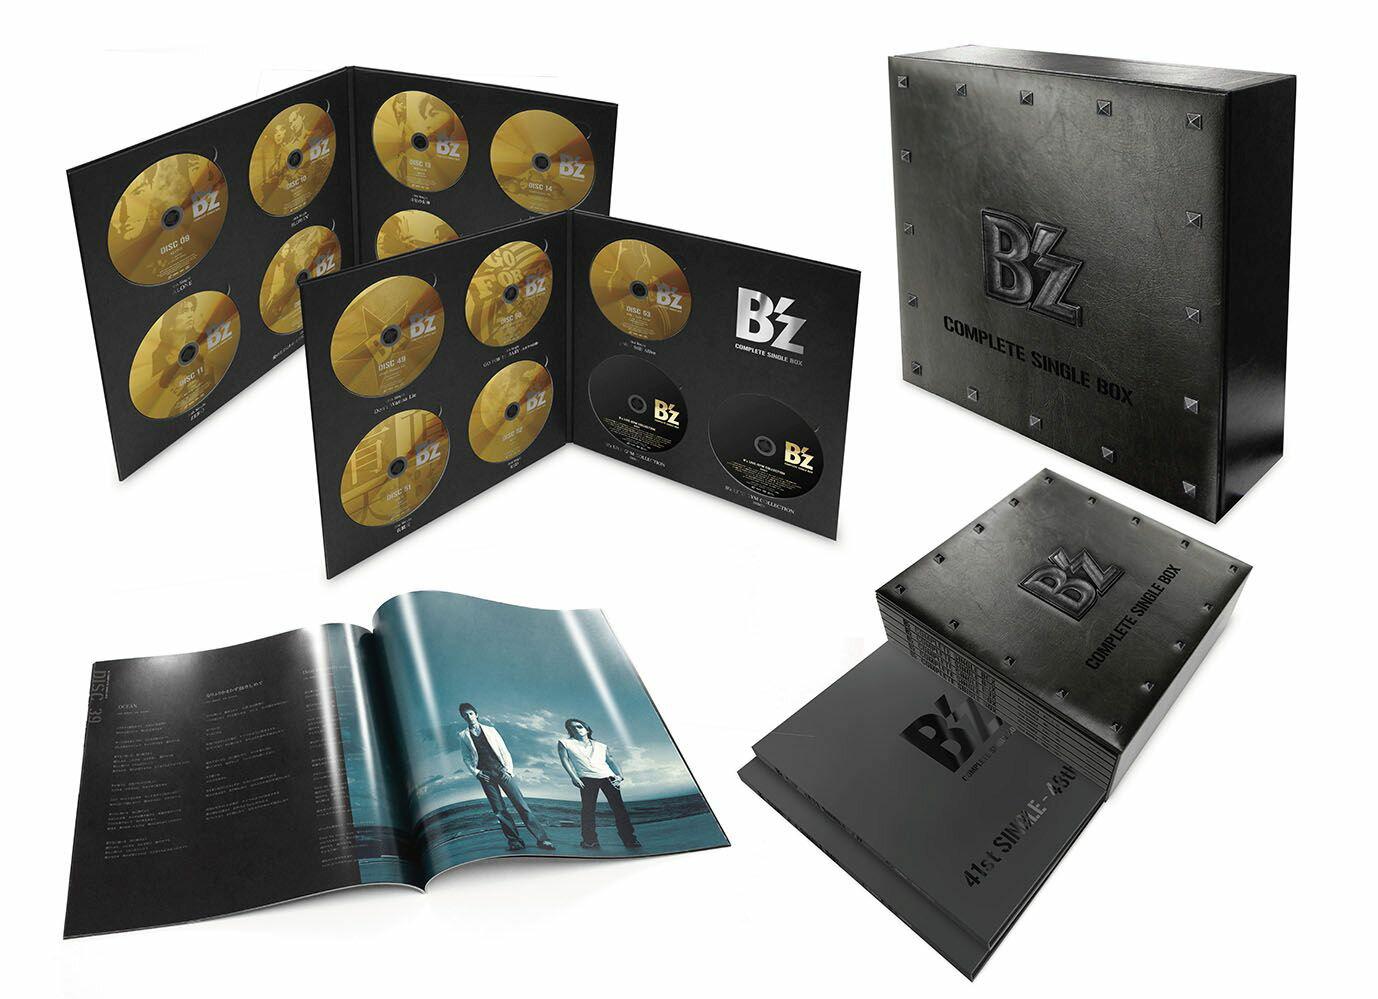 ロック・ポップス, その他 Bz COMPLETE SINGLE BOX Black Edition Bz